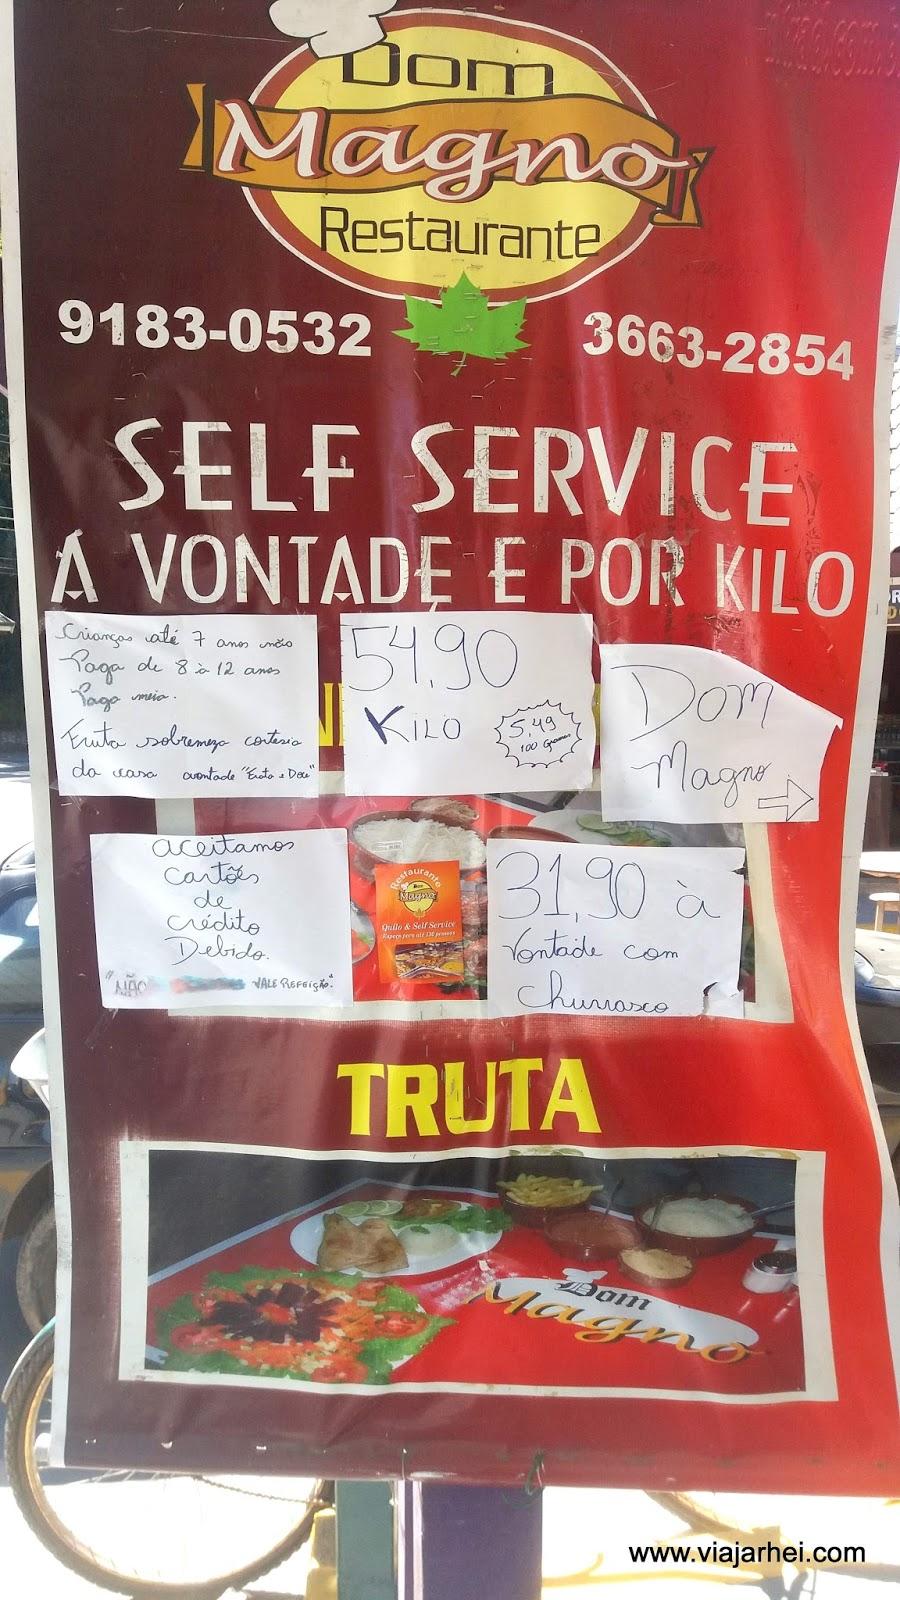 Dicas De Onde Comer Barato Em Campos Do Jordao Em Sao Paulo